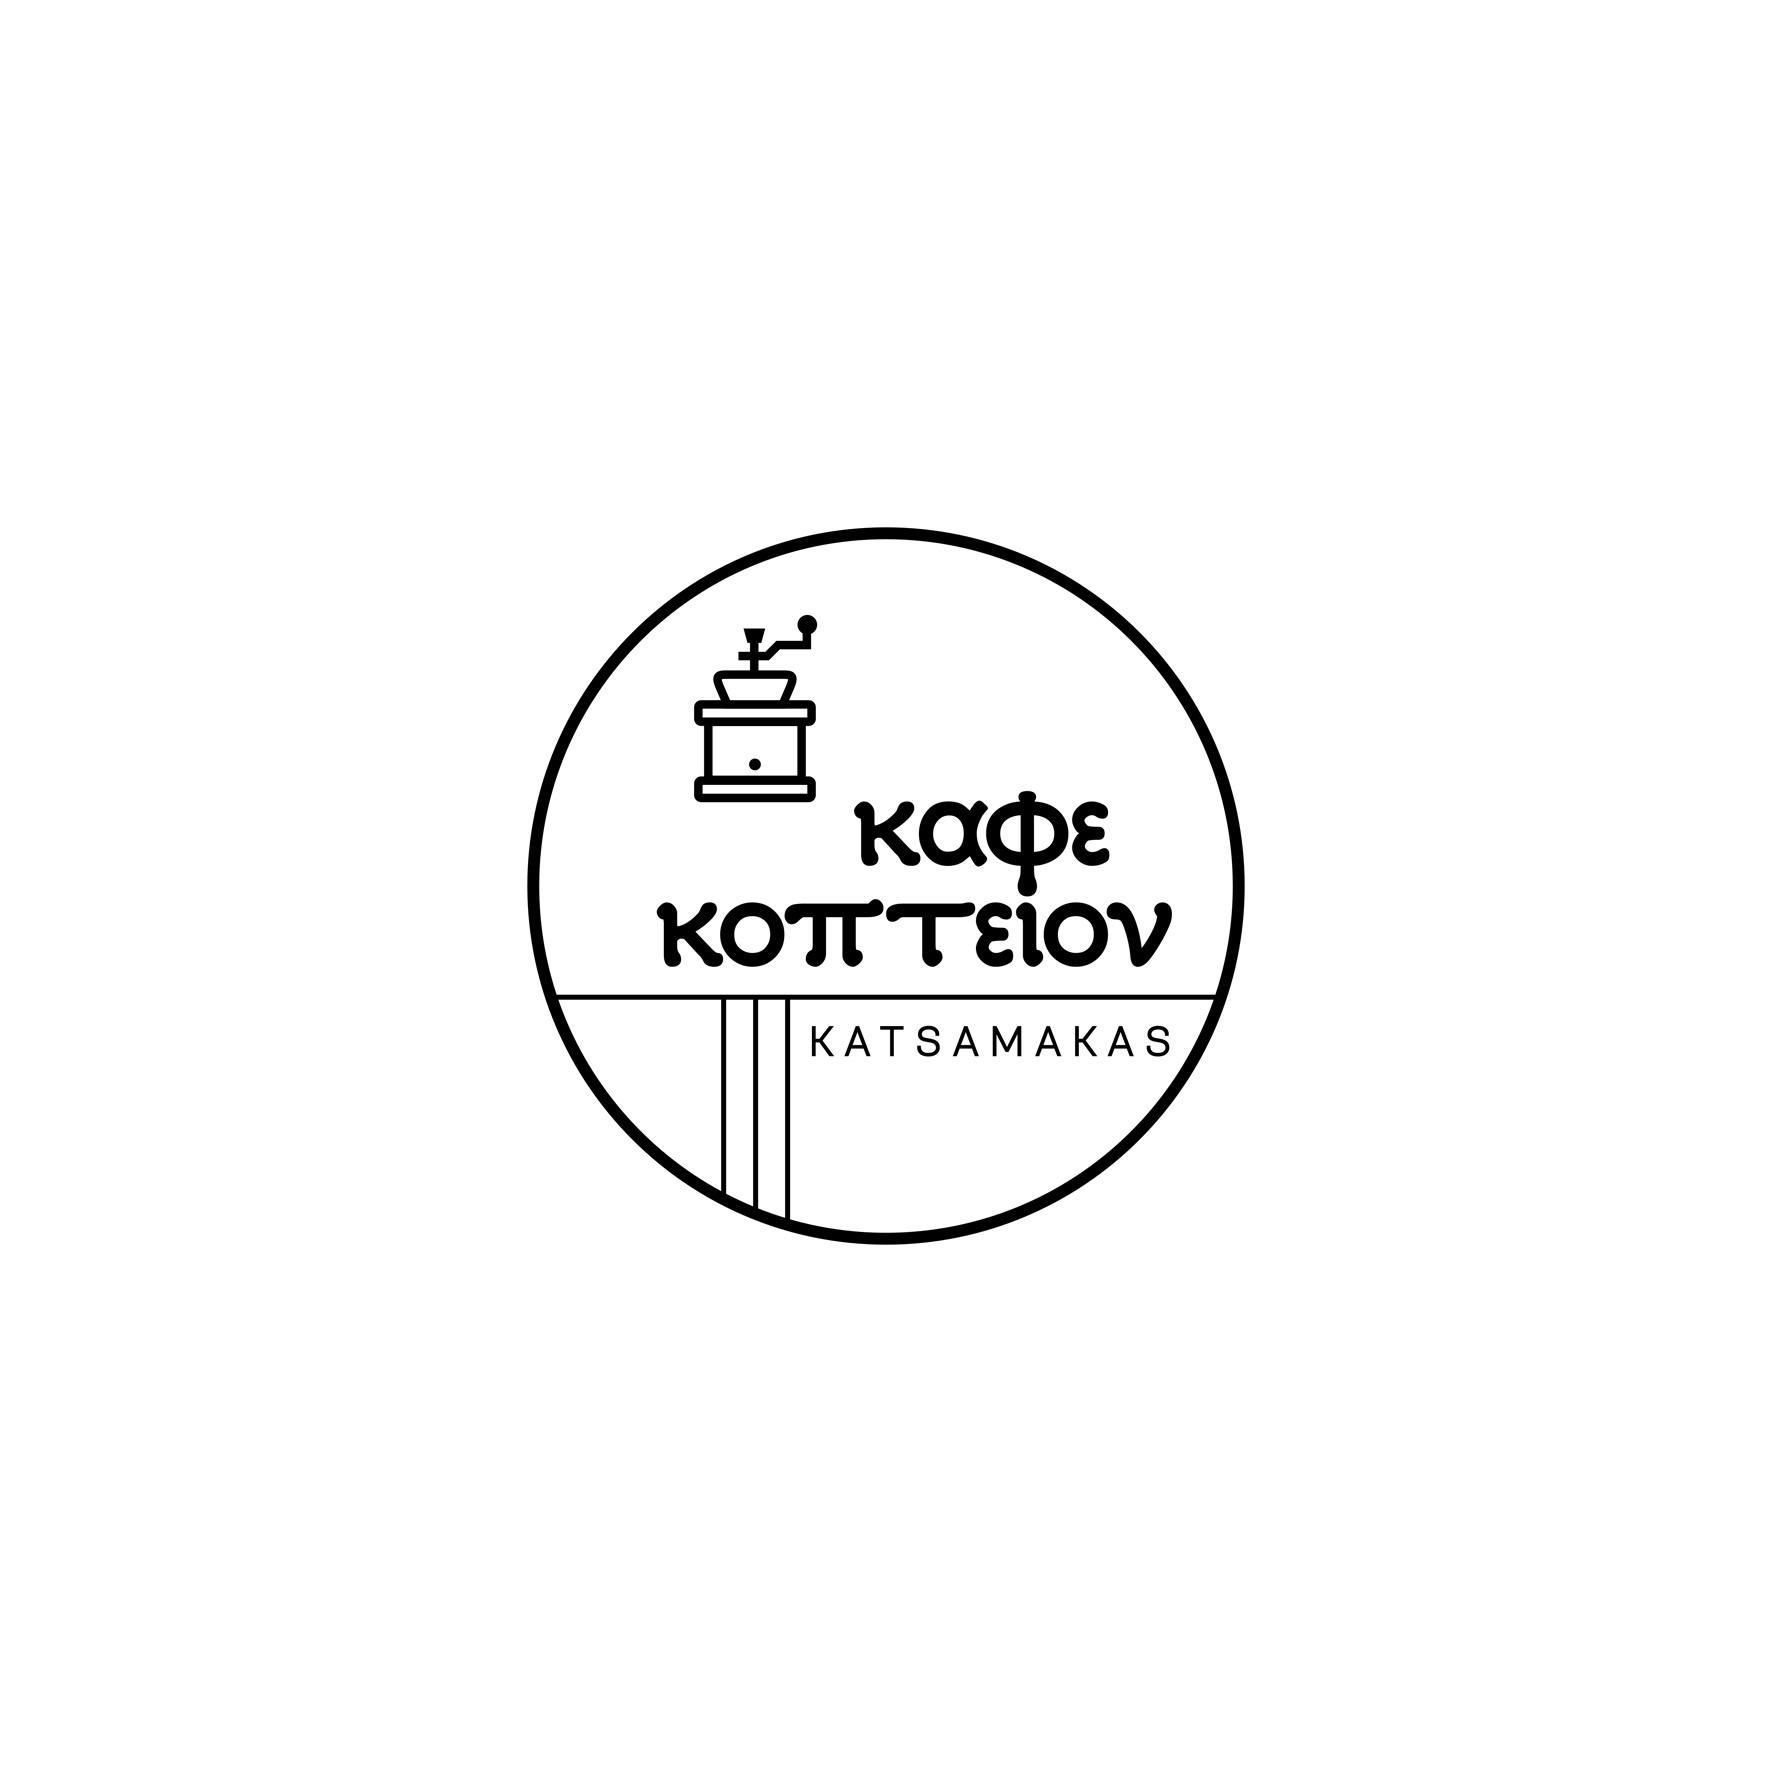 https://0501.nccdn.net/4_2/000/000/038/2d3/logo-katsamakas-by-koukida-1771x1771.jpg